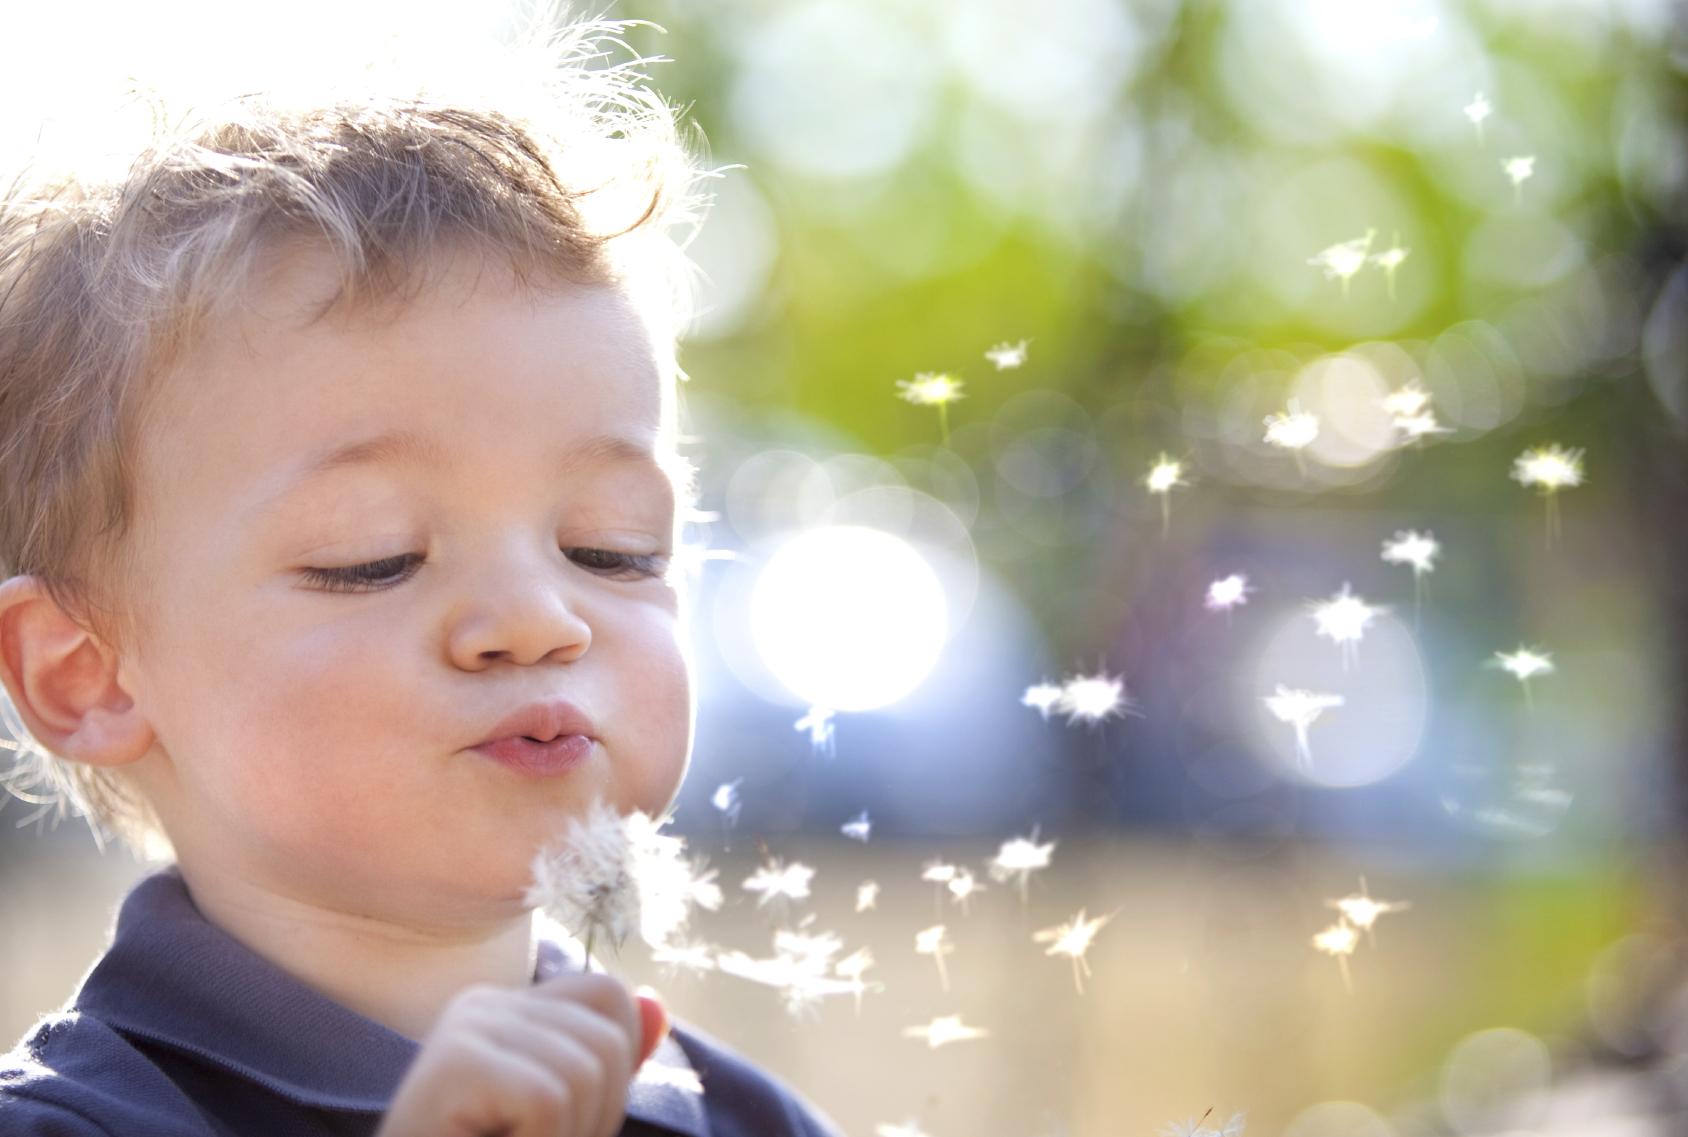 boy blowing dandelion.jpg